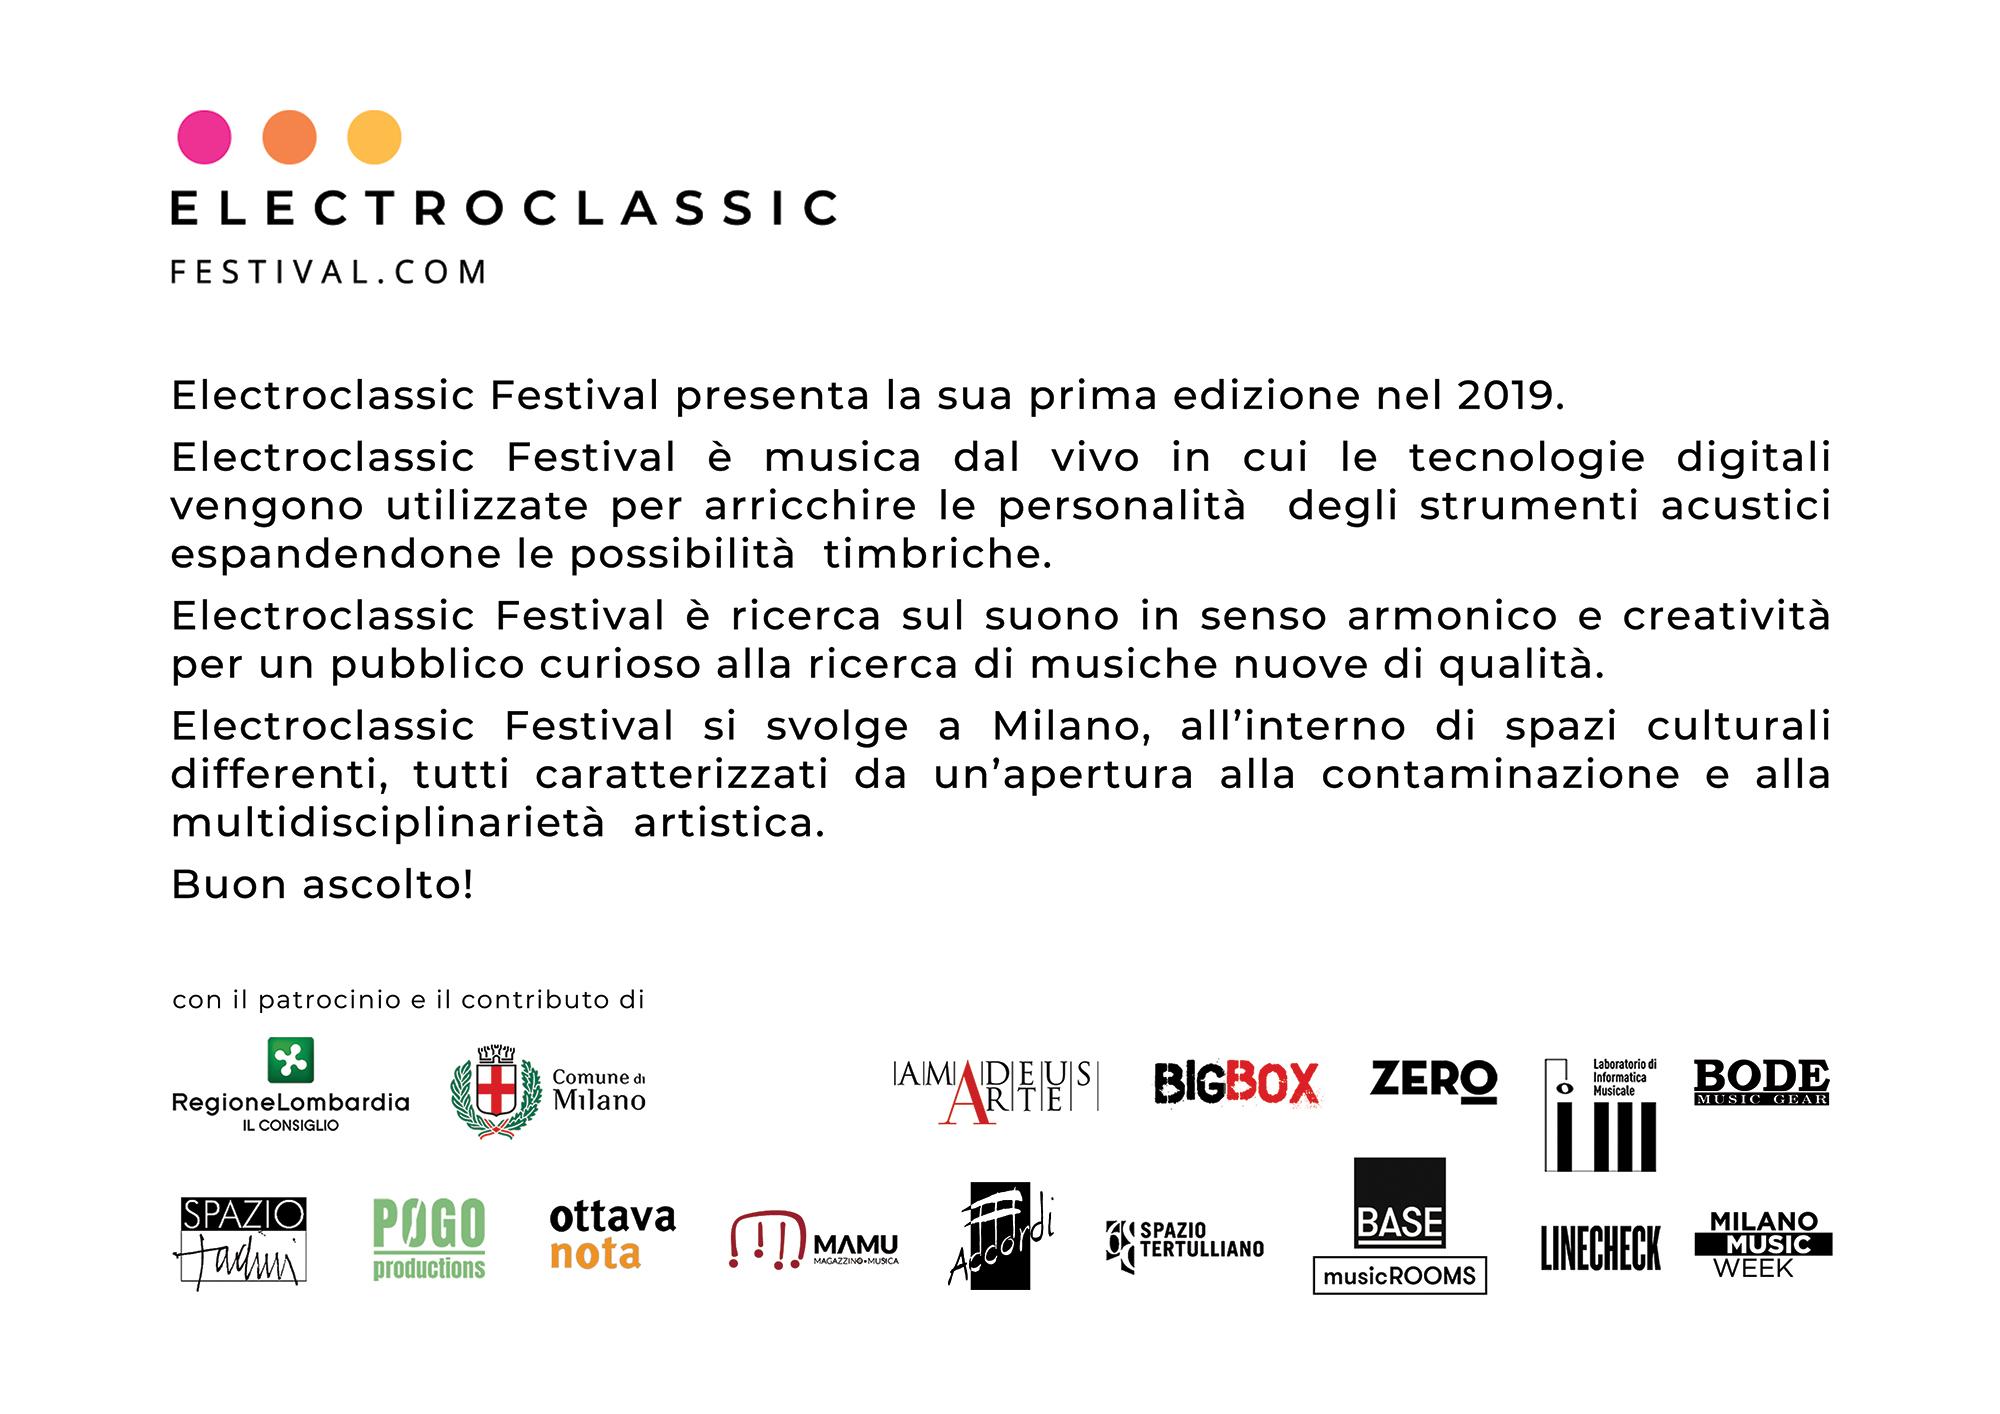 Electroclassic festival alla casa museo spazio tadini